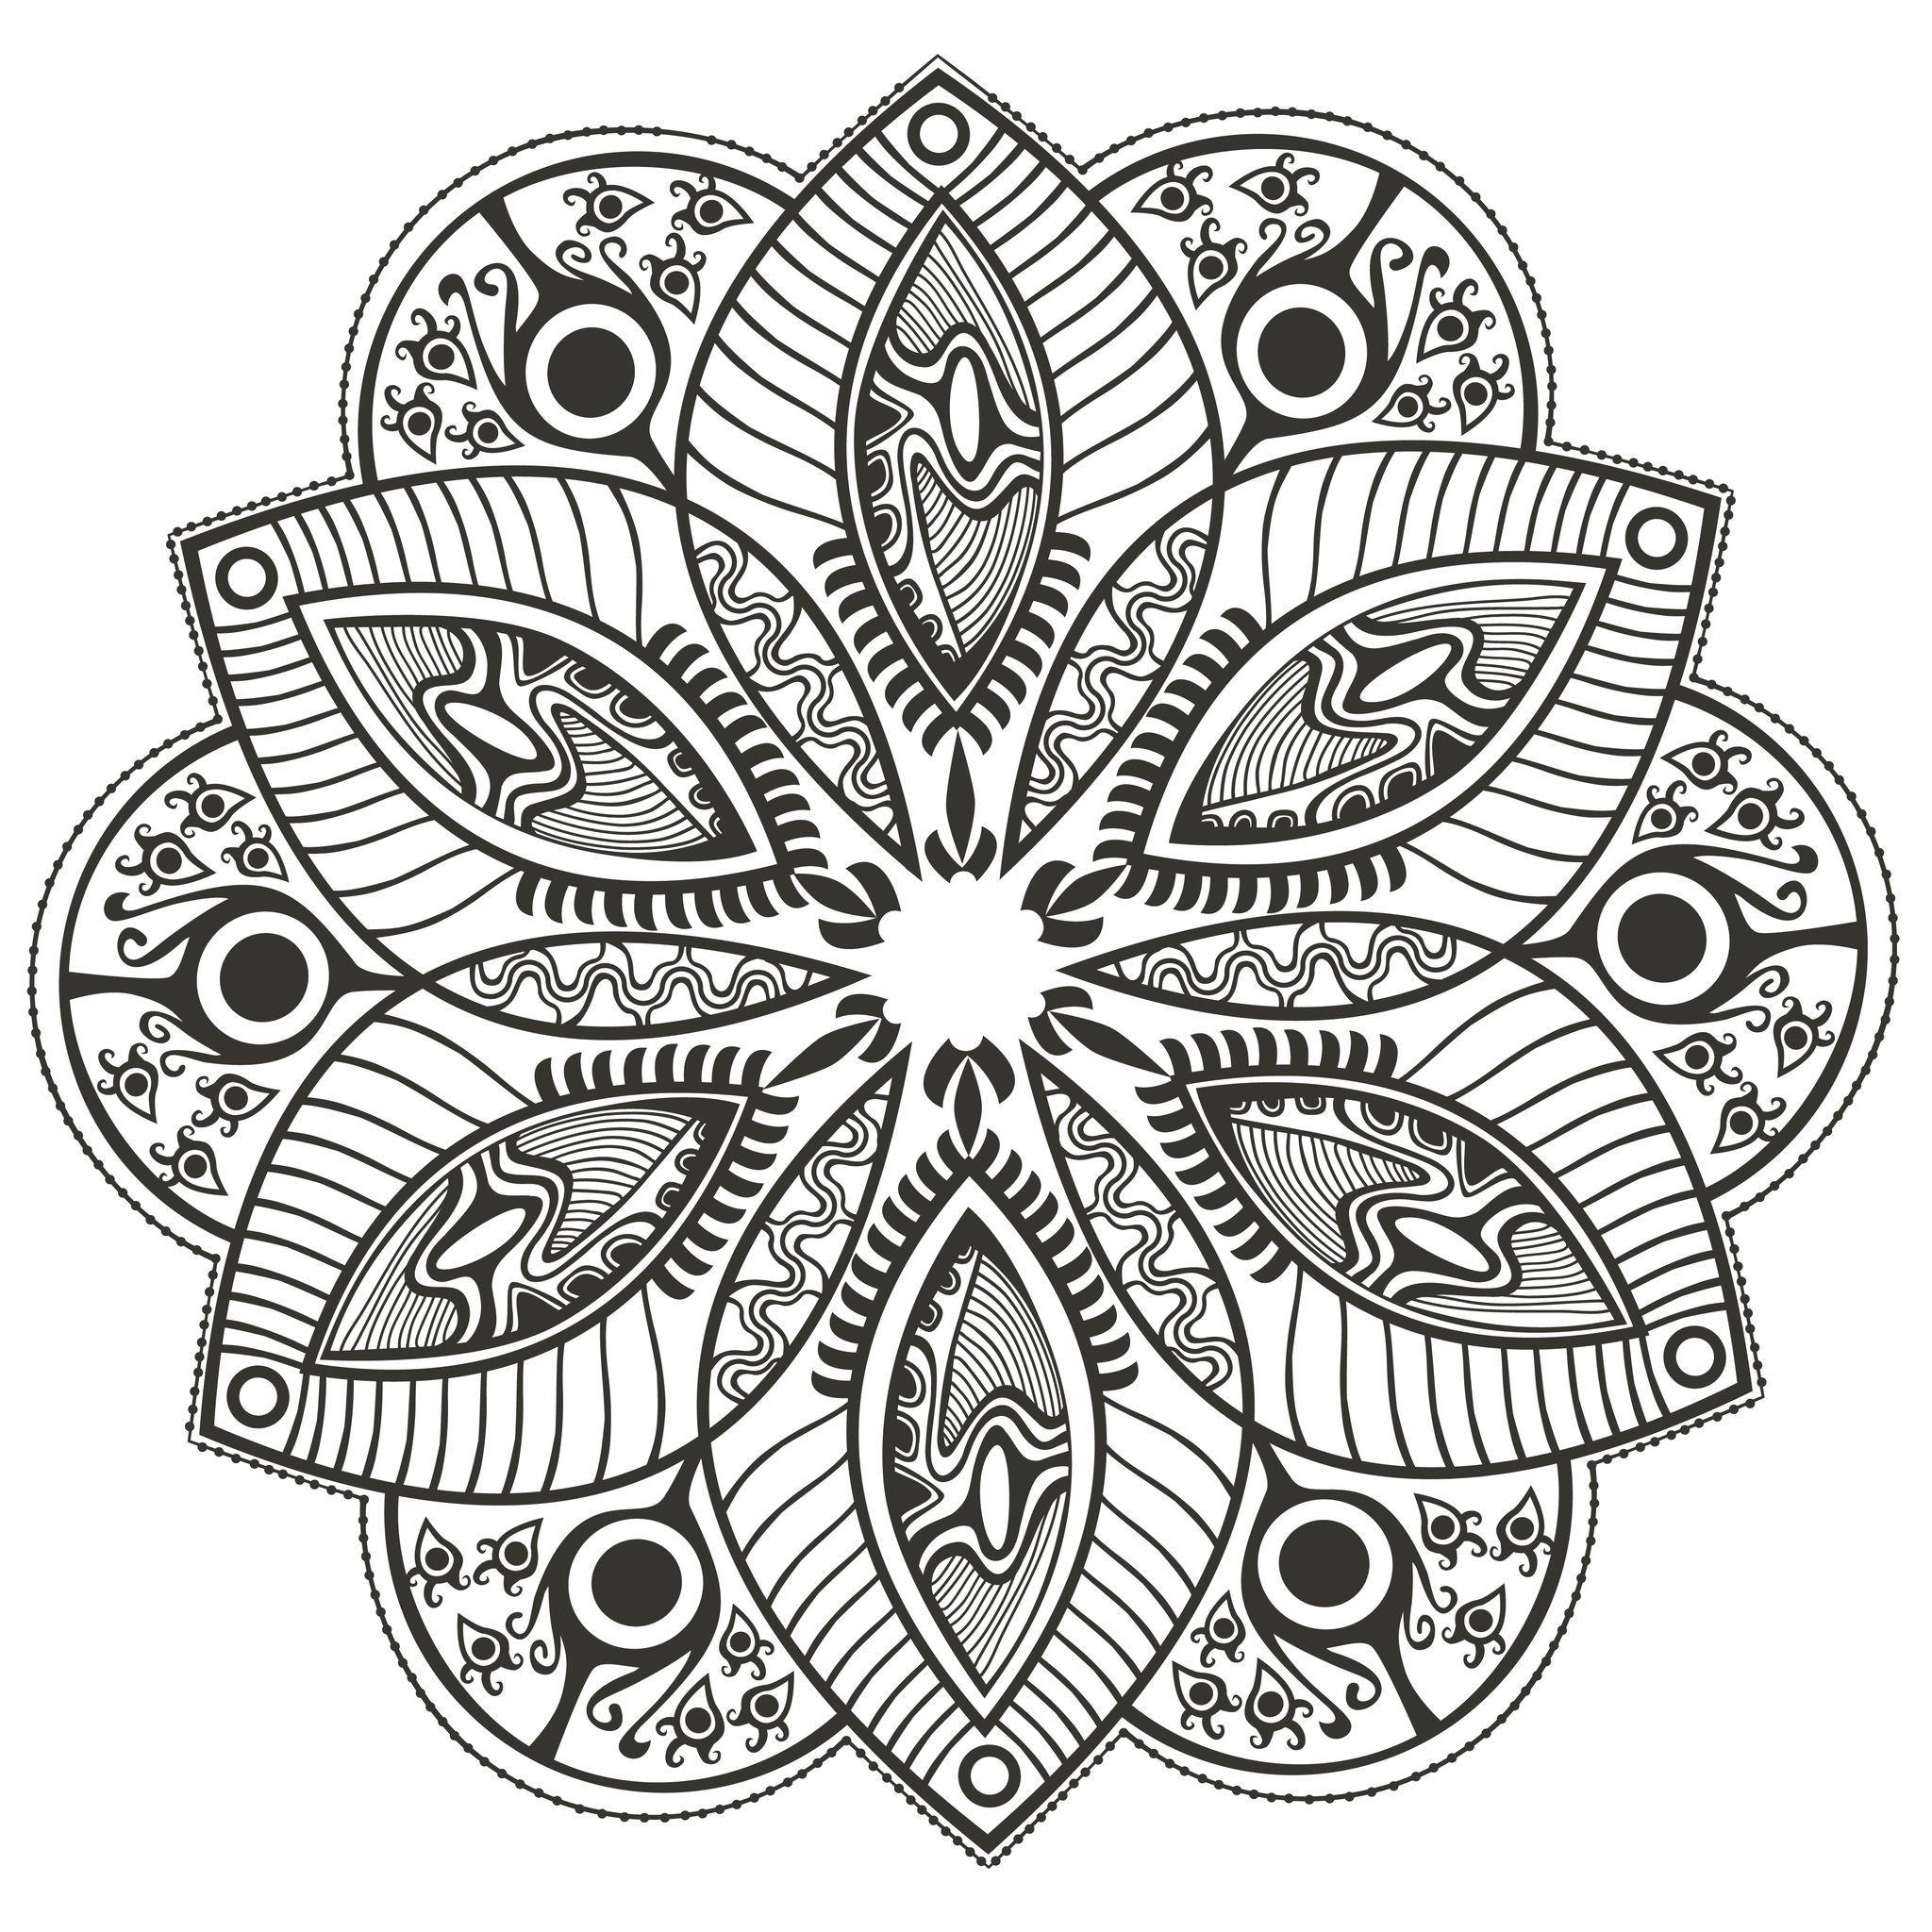 Voici des Mandalas difficiles pour adultes  imprimer Mandala est un mot sanskrit qui désigne